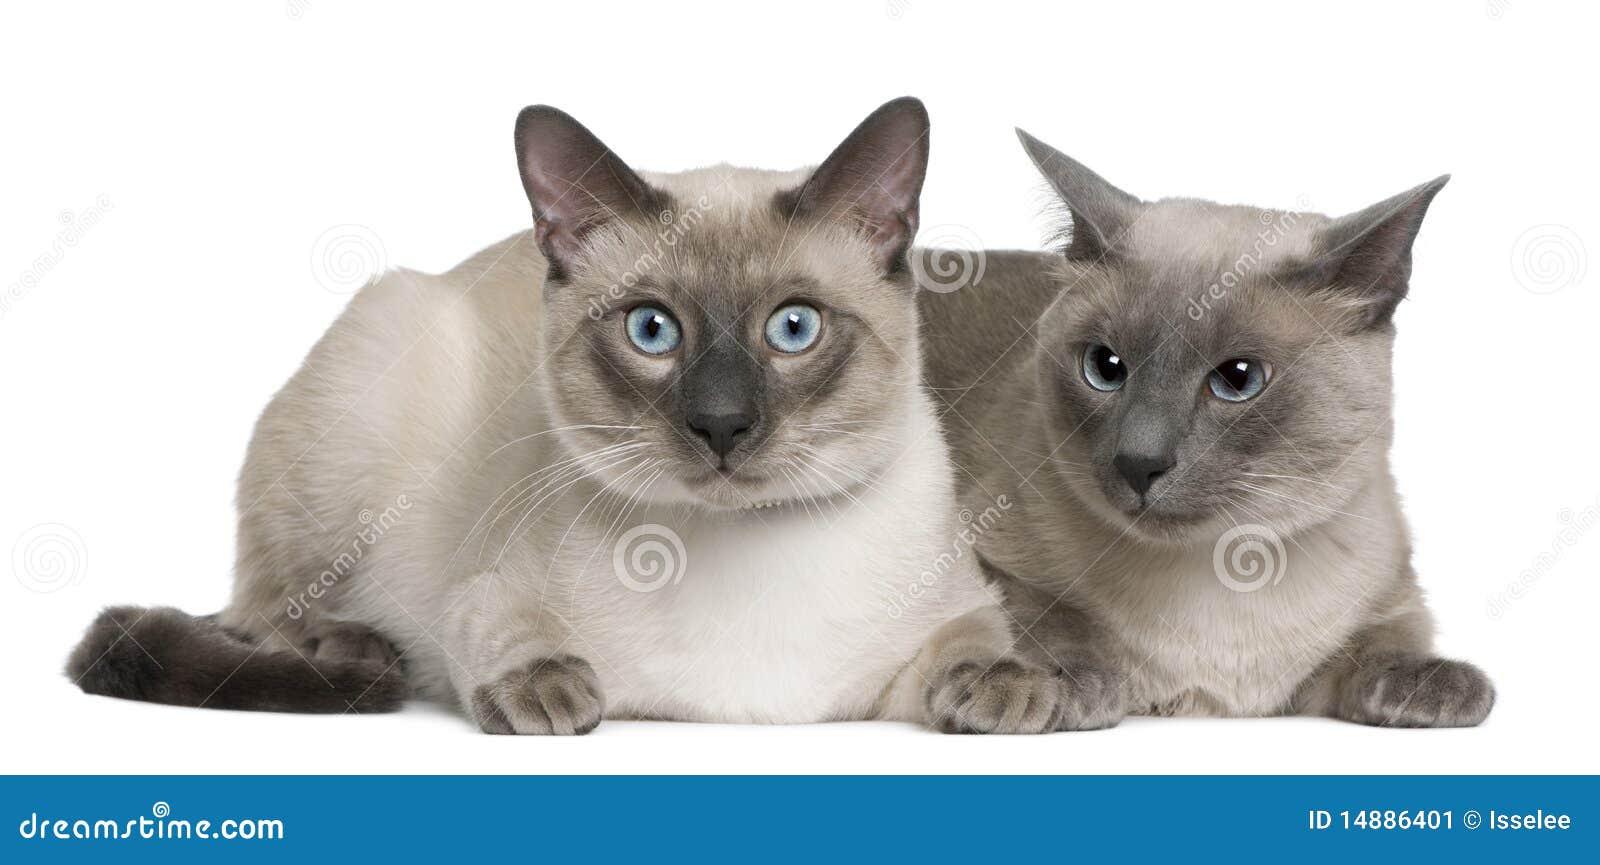 kitten adoptions seattle